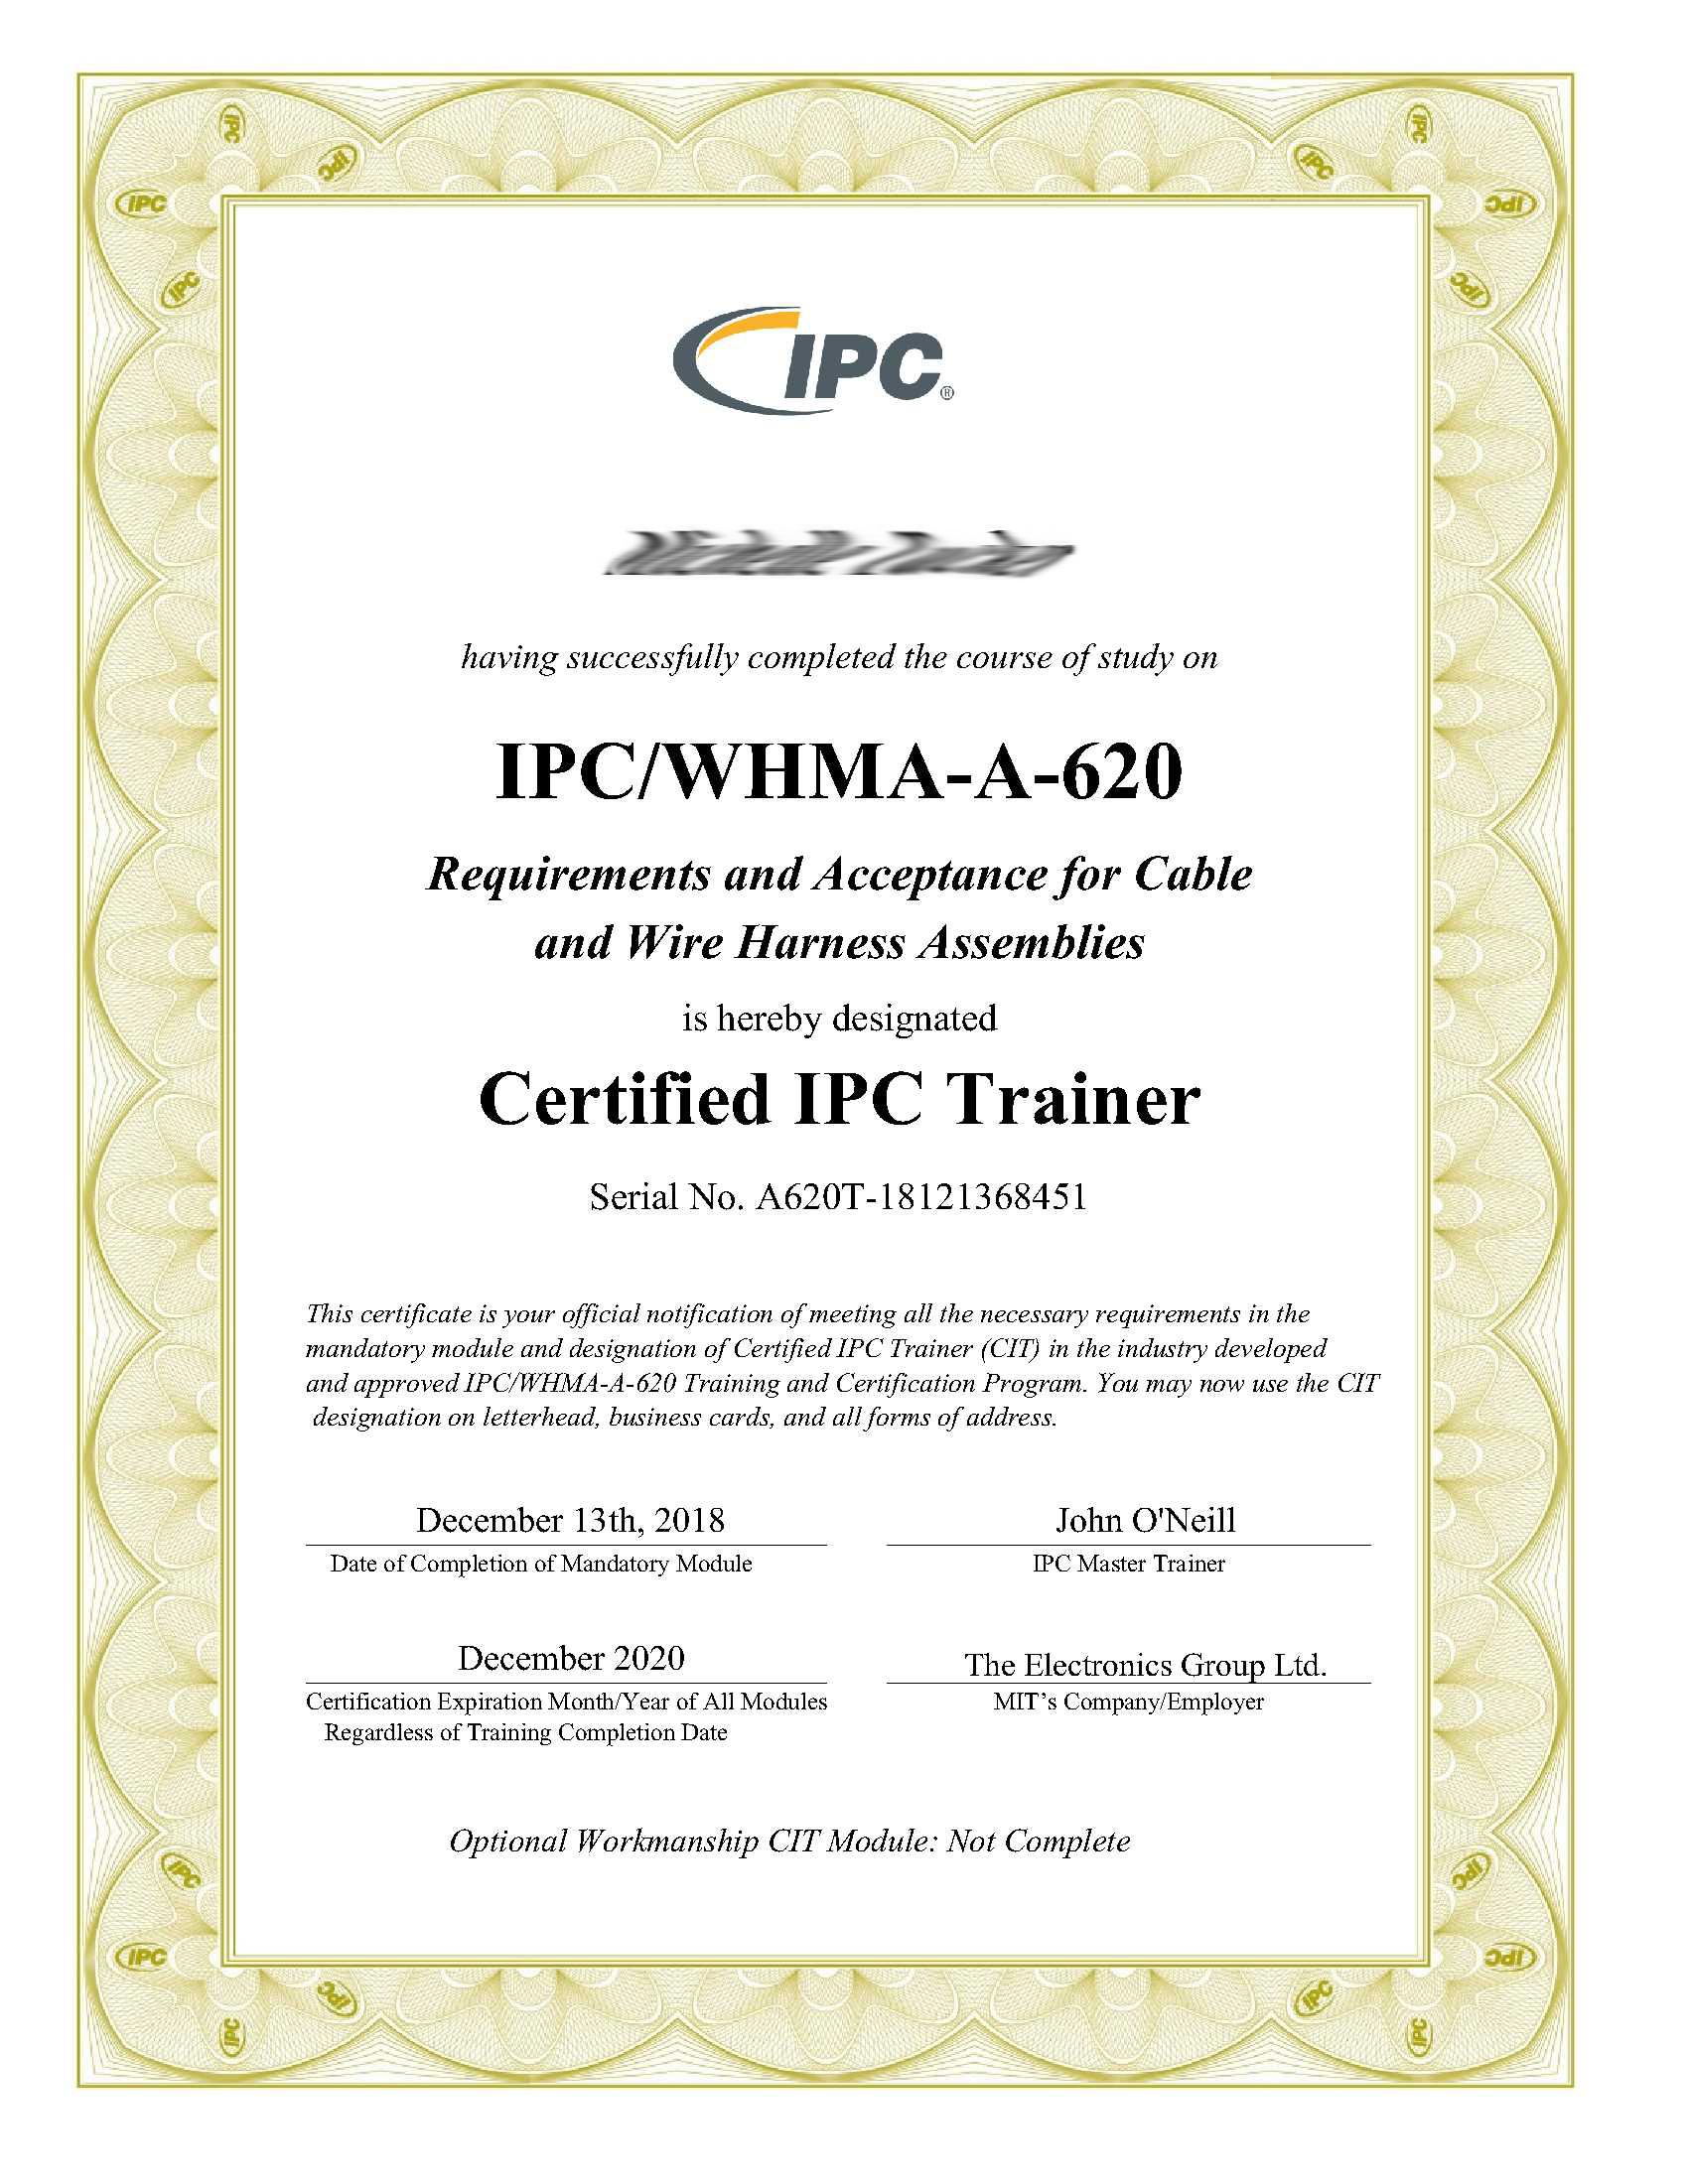 IPC-A-620 Certificate